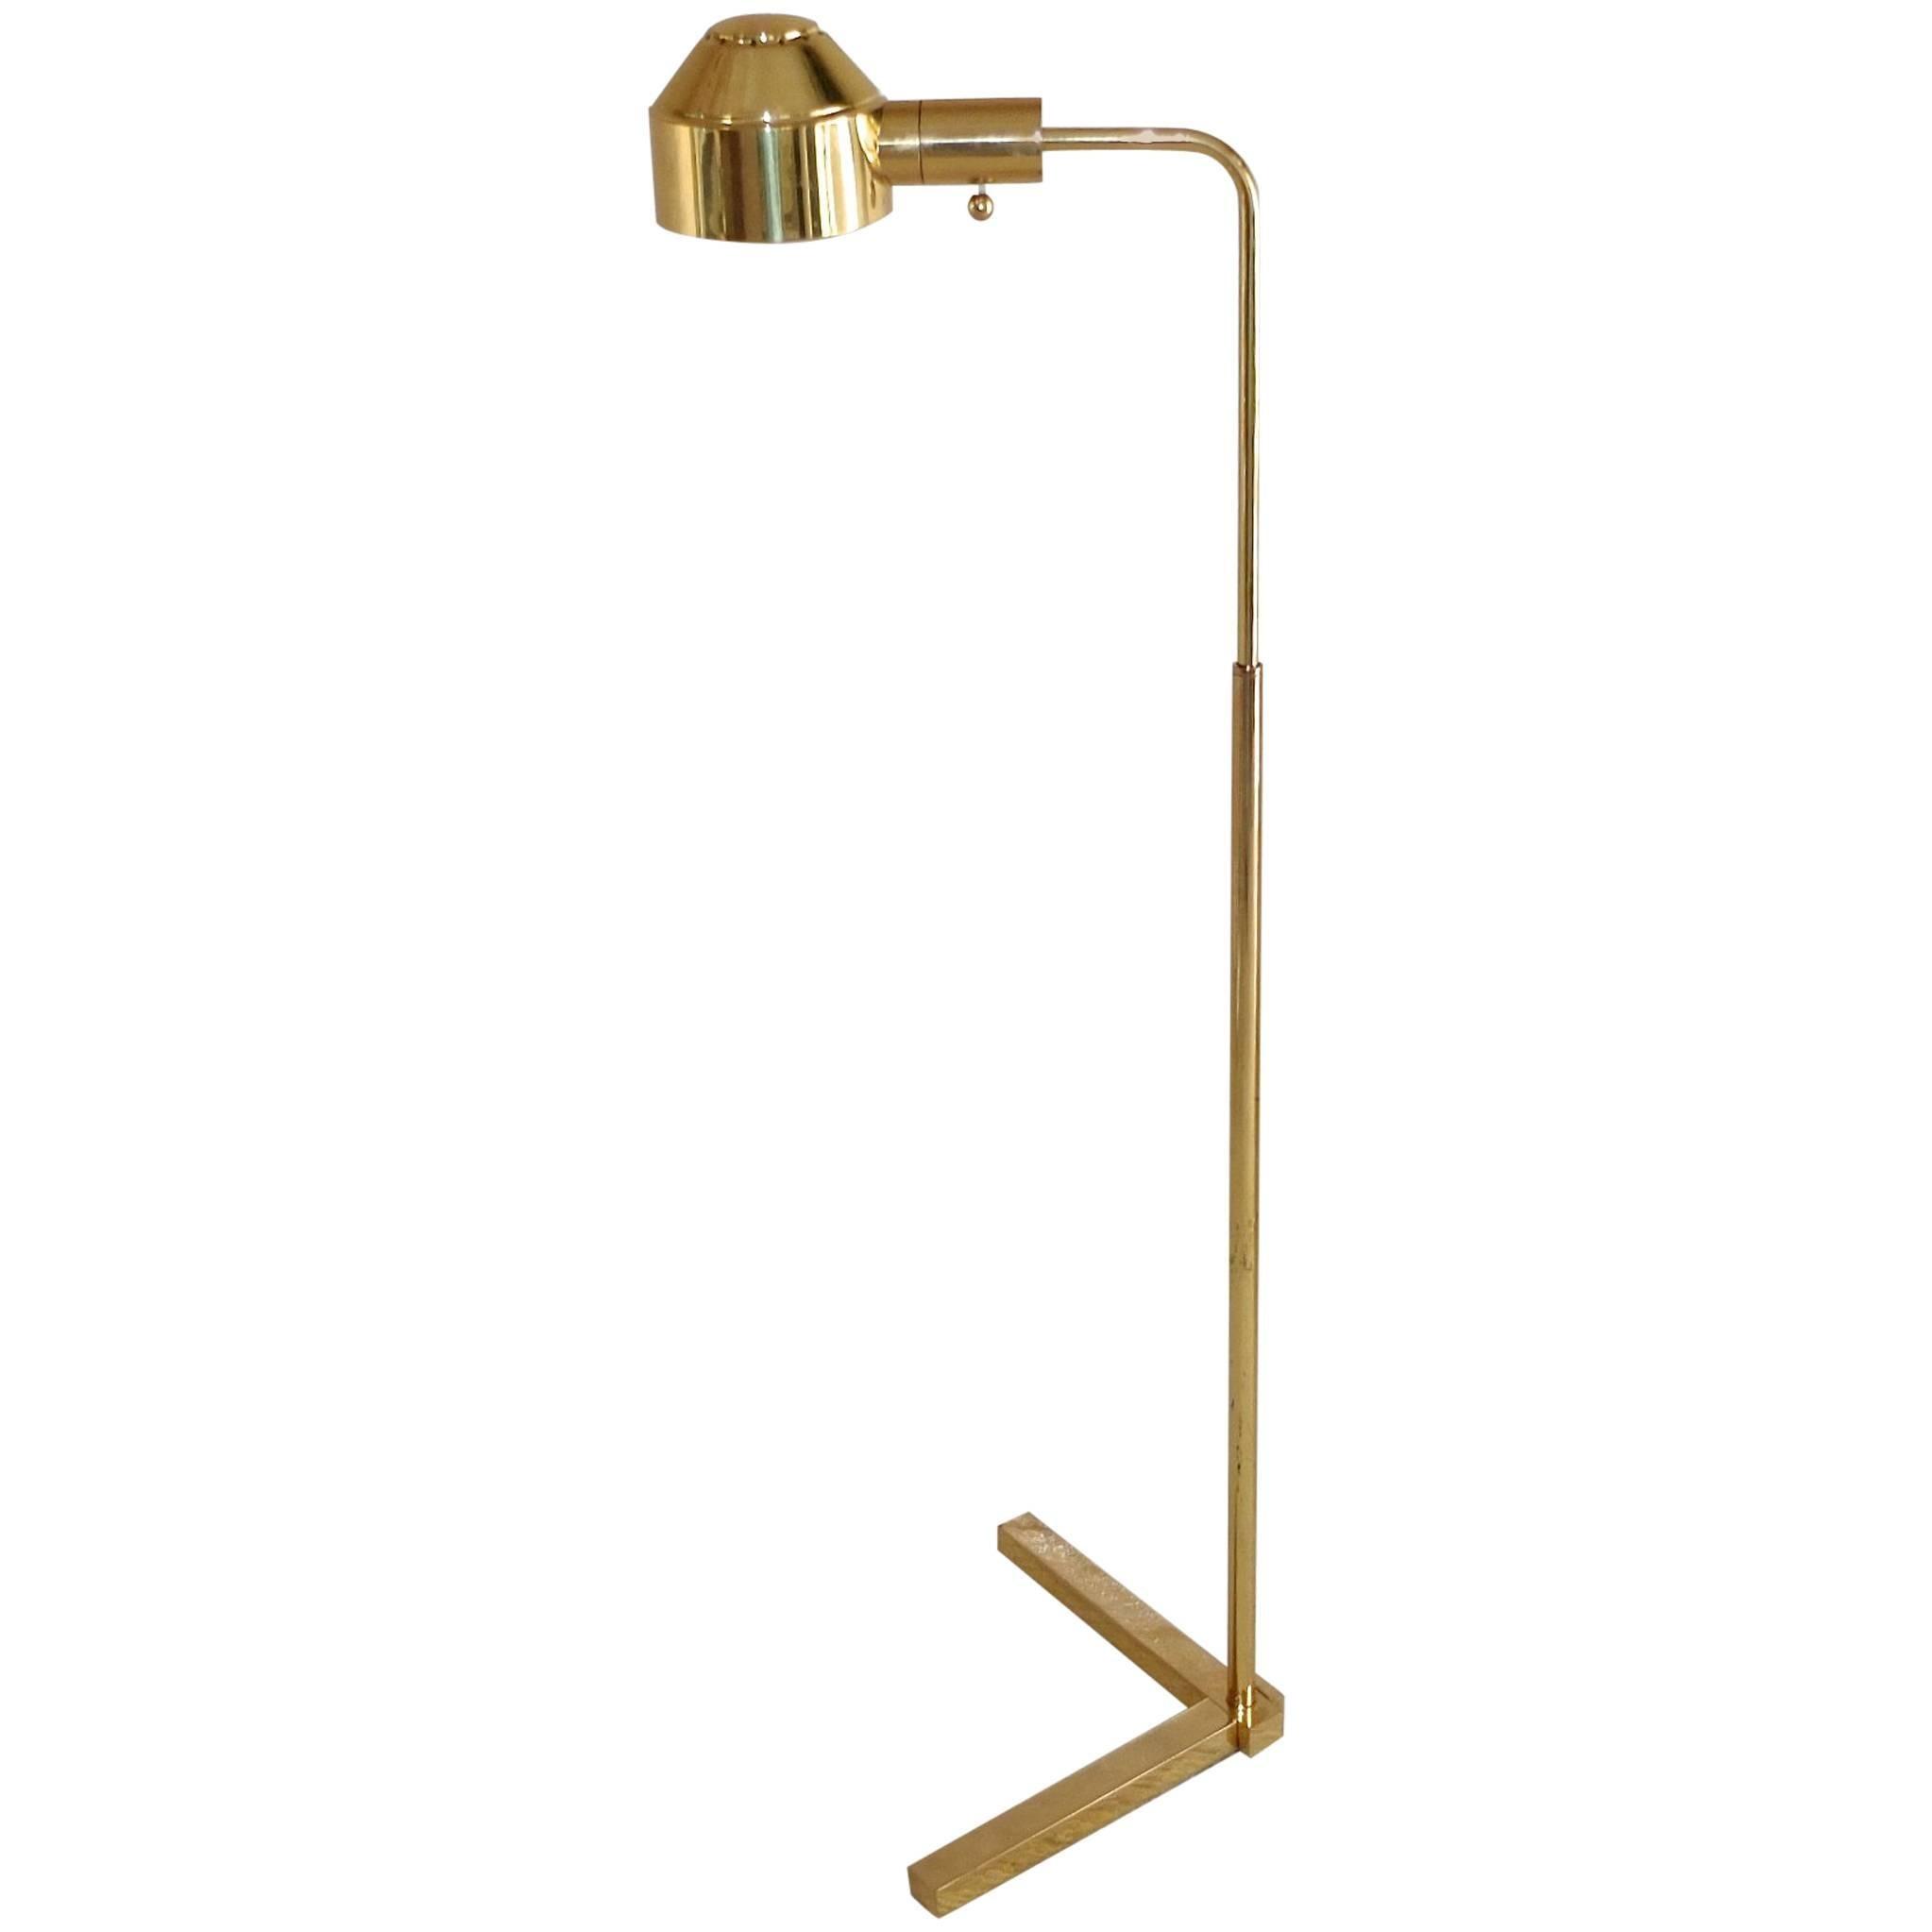 E. F. Chapman Solid Brass Adjustable Height Floor Lamp